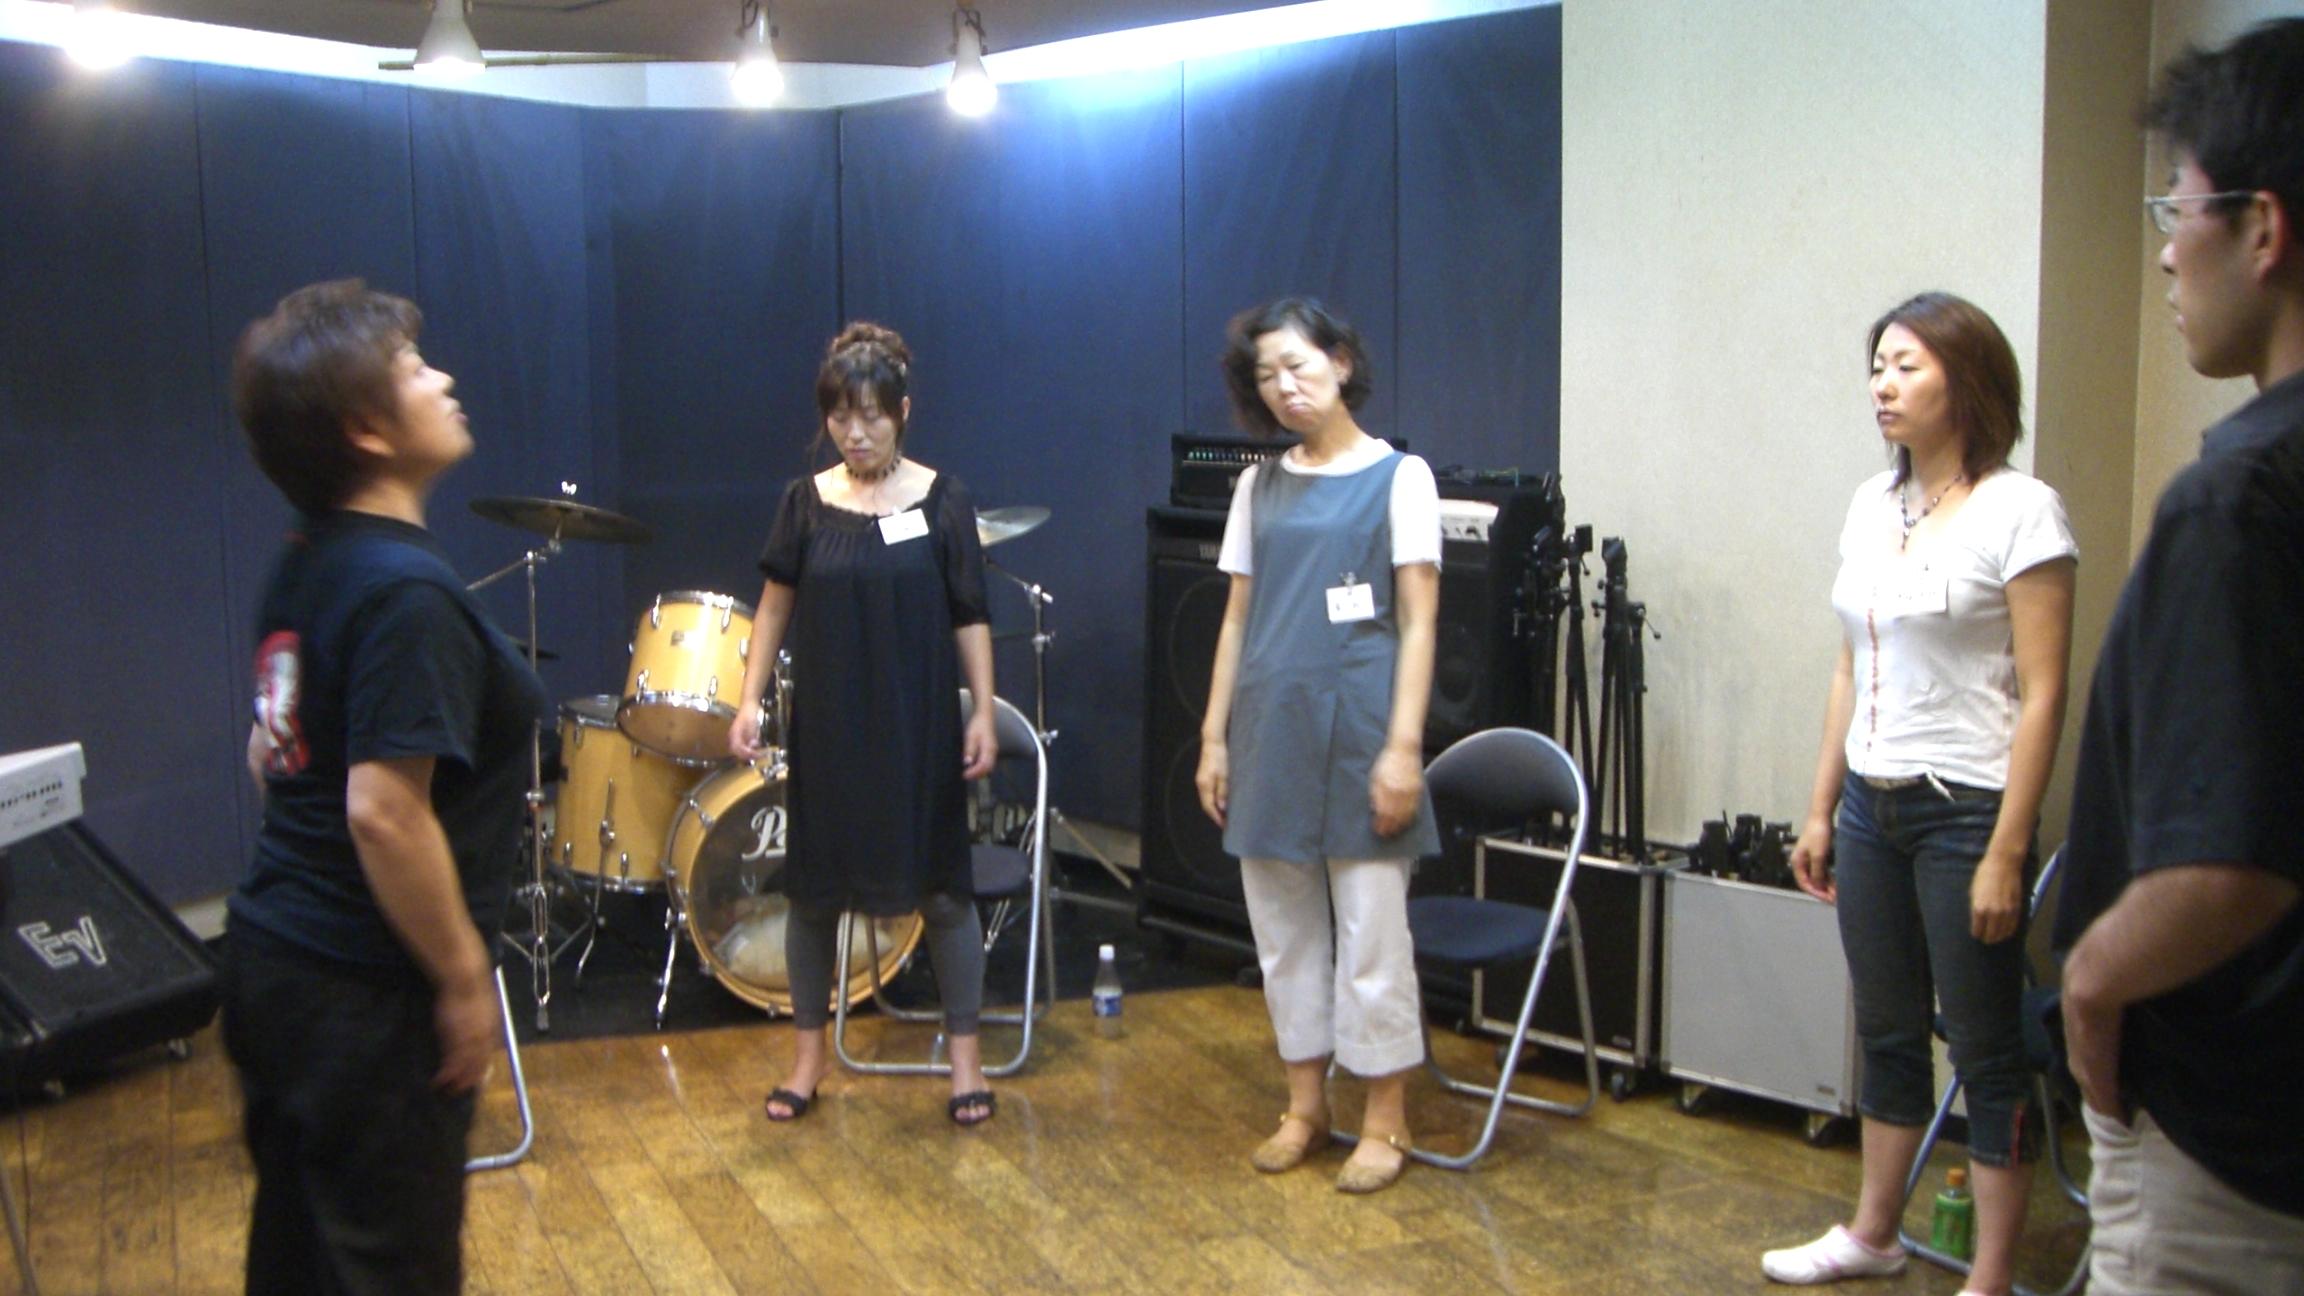 【ボイストレーニング声の会】第46回を開催!